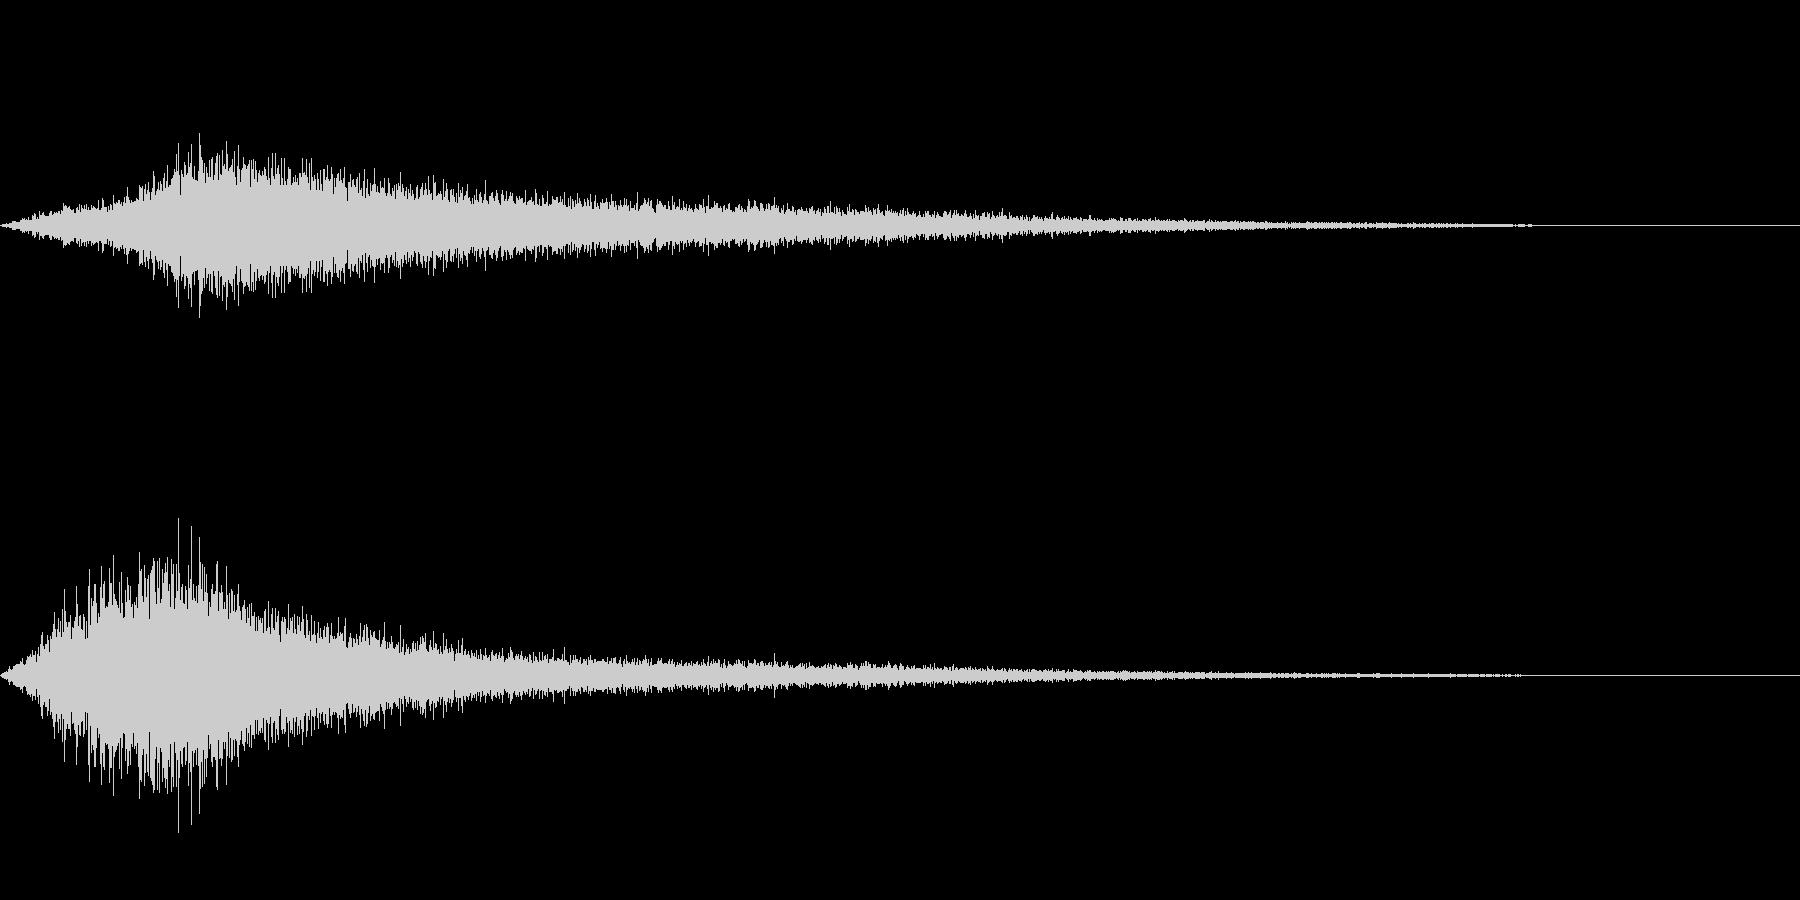 【生録音】 早朝の街 交通 環境音 27の未再生の波形